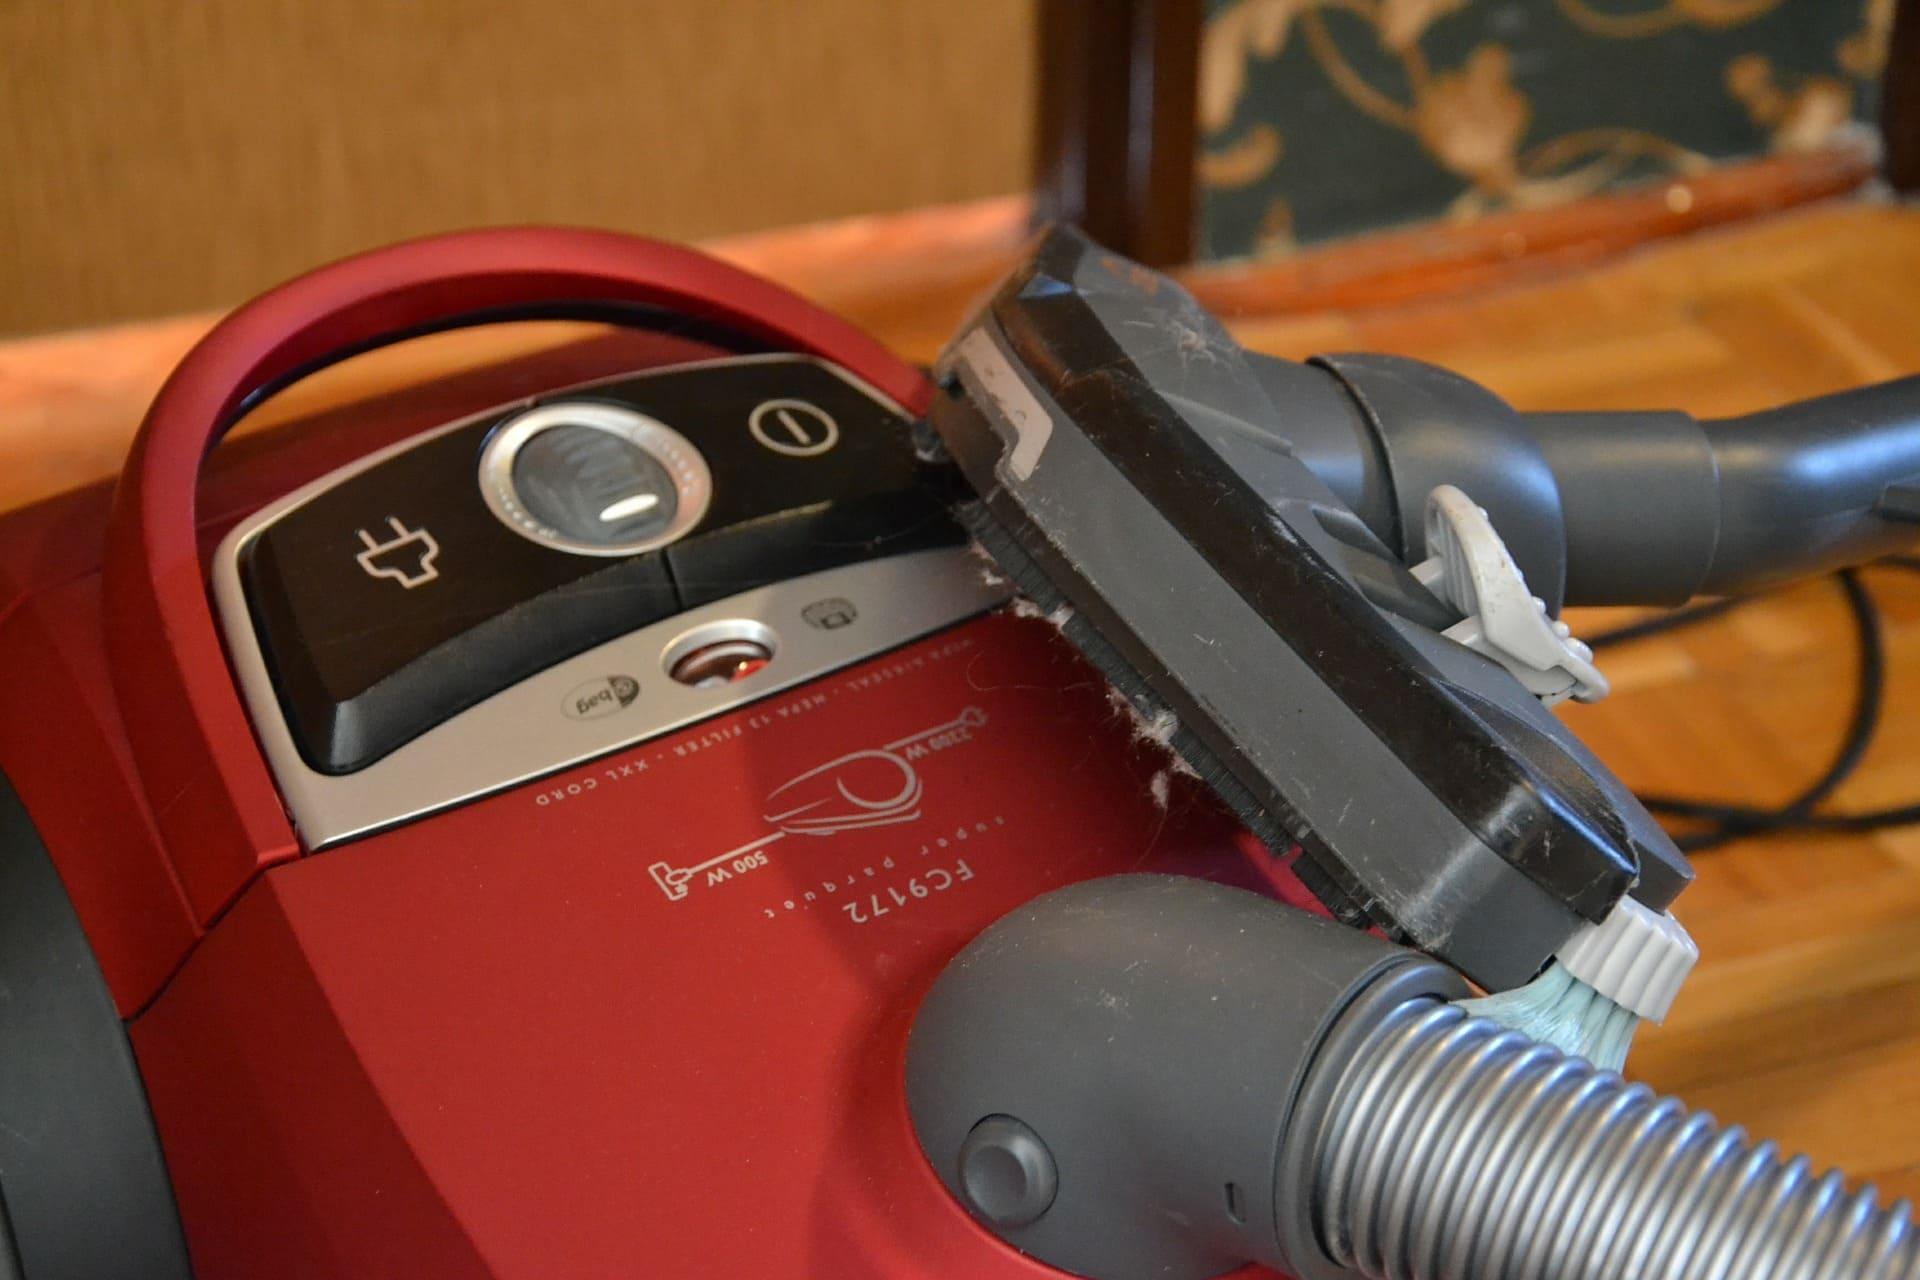 Nettoyer sa maison intelligemment : opter pour un nettoyage à la vapeur